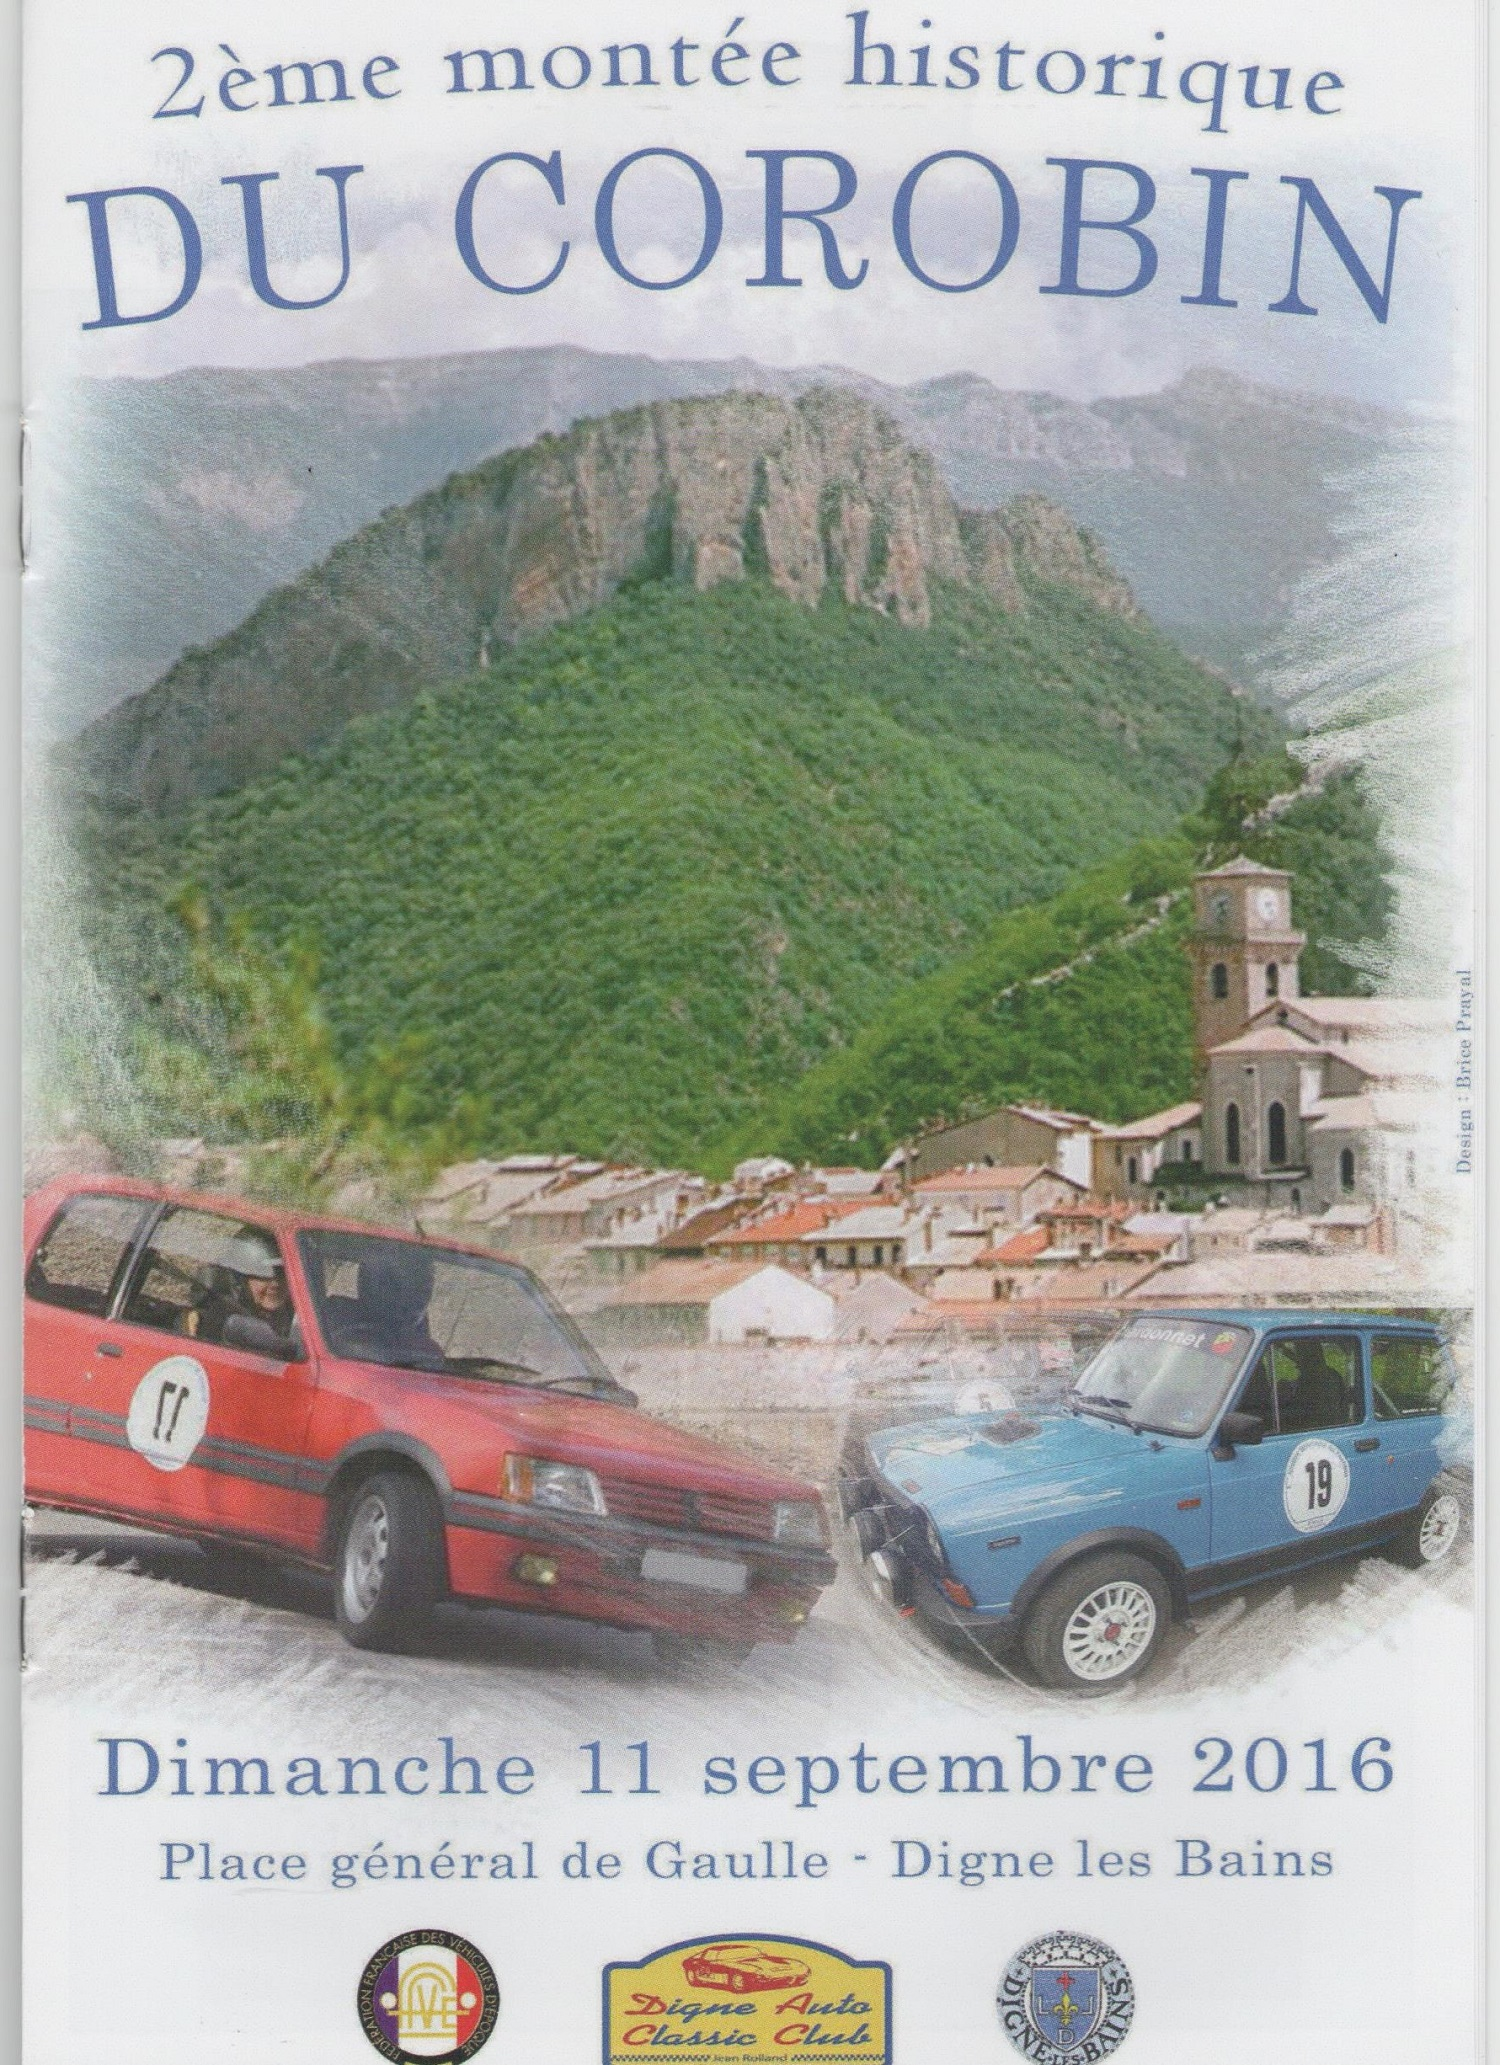 2ème montée historique du Corobin